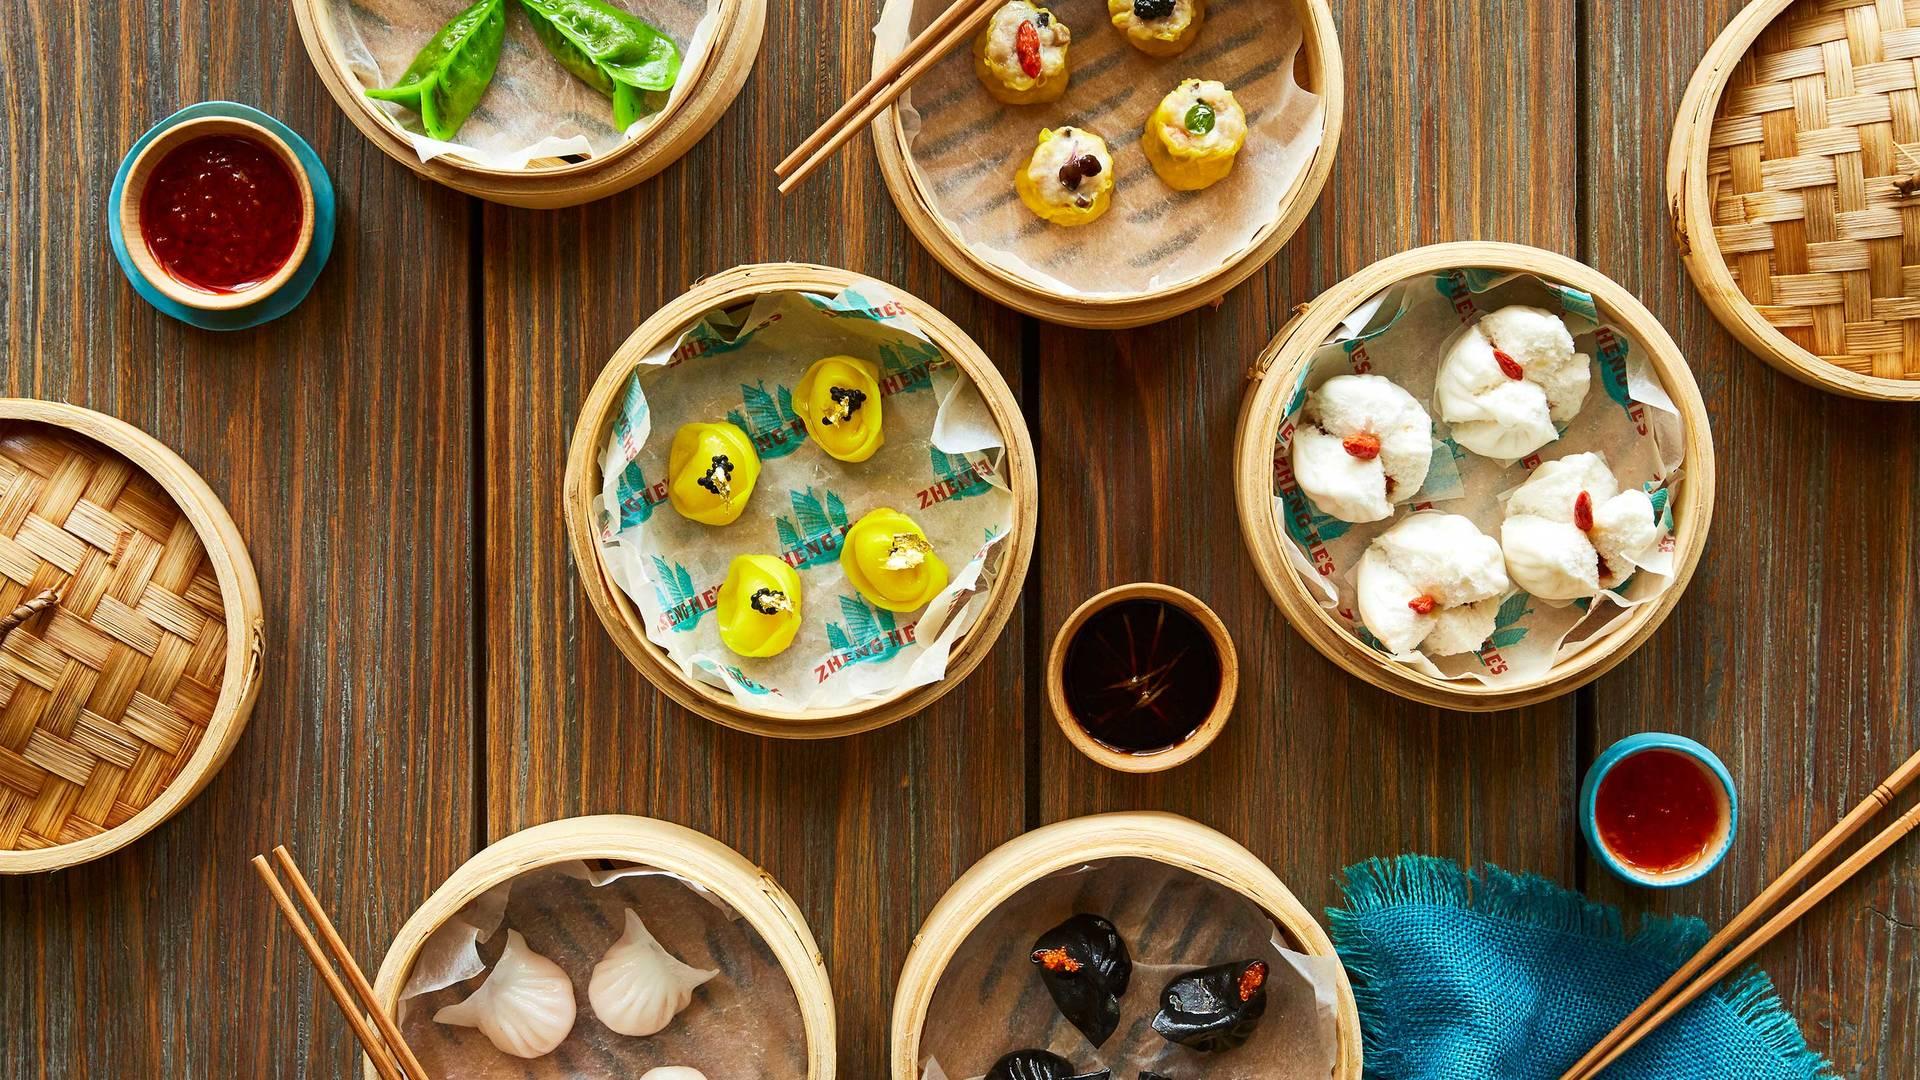 16-9_Jumeirah Mina A Salam Zheng Hes DimSum